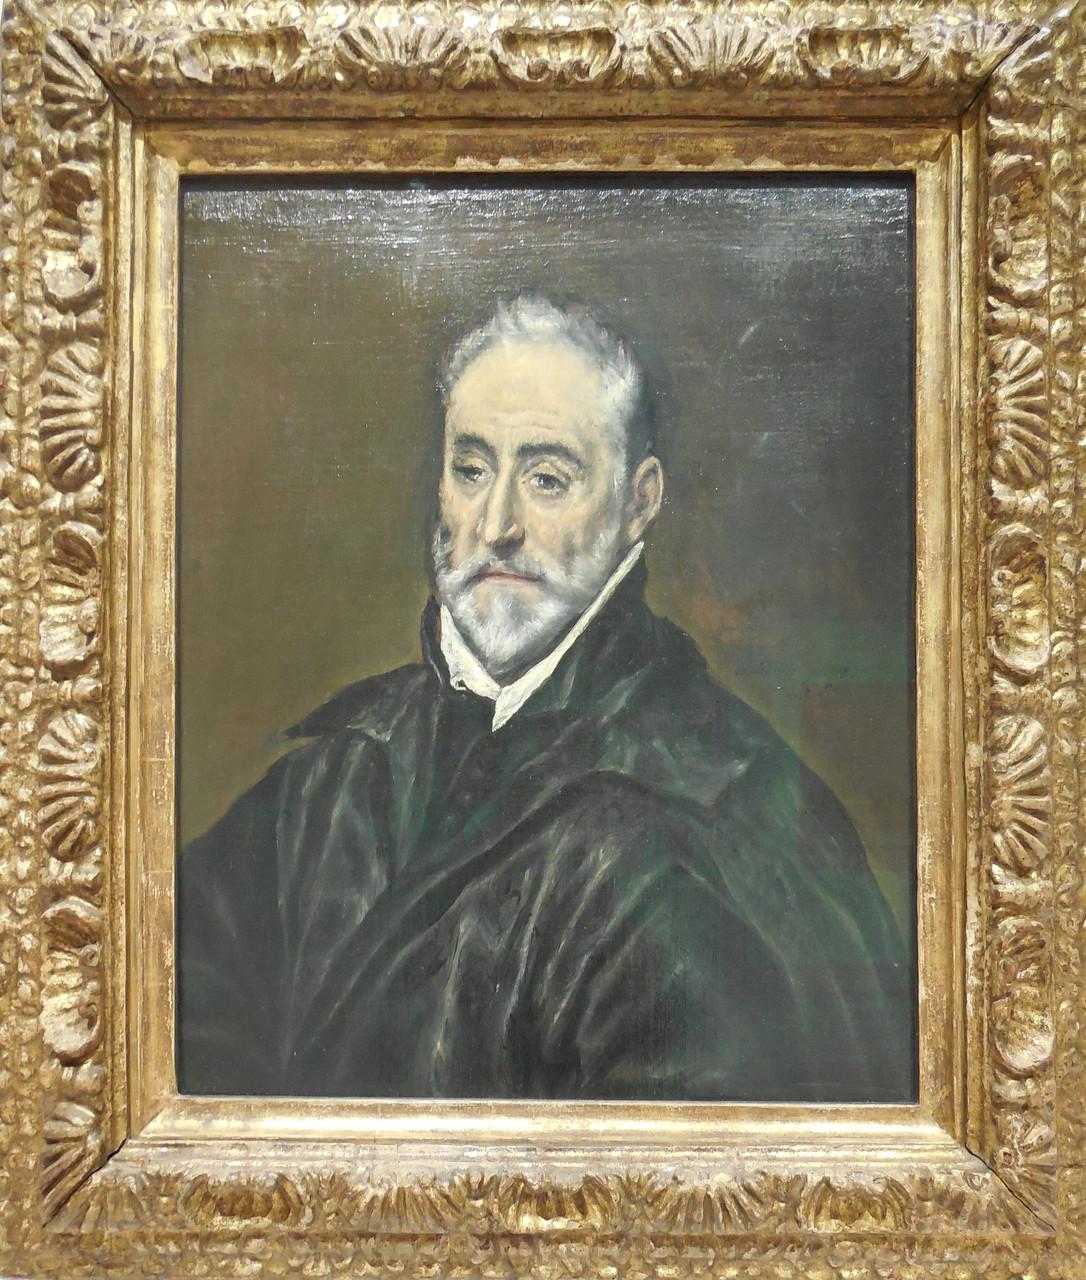 vers 1600, Espagne, El Greco, Antonio de Covarrubias y Leiva (1514-1602)